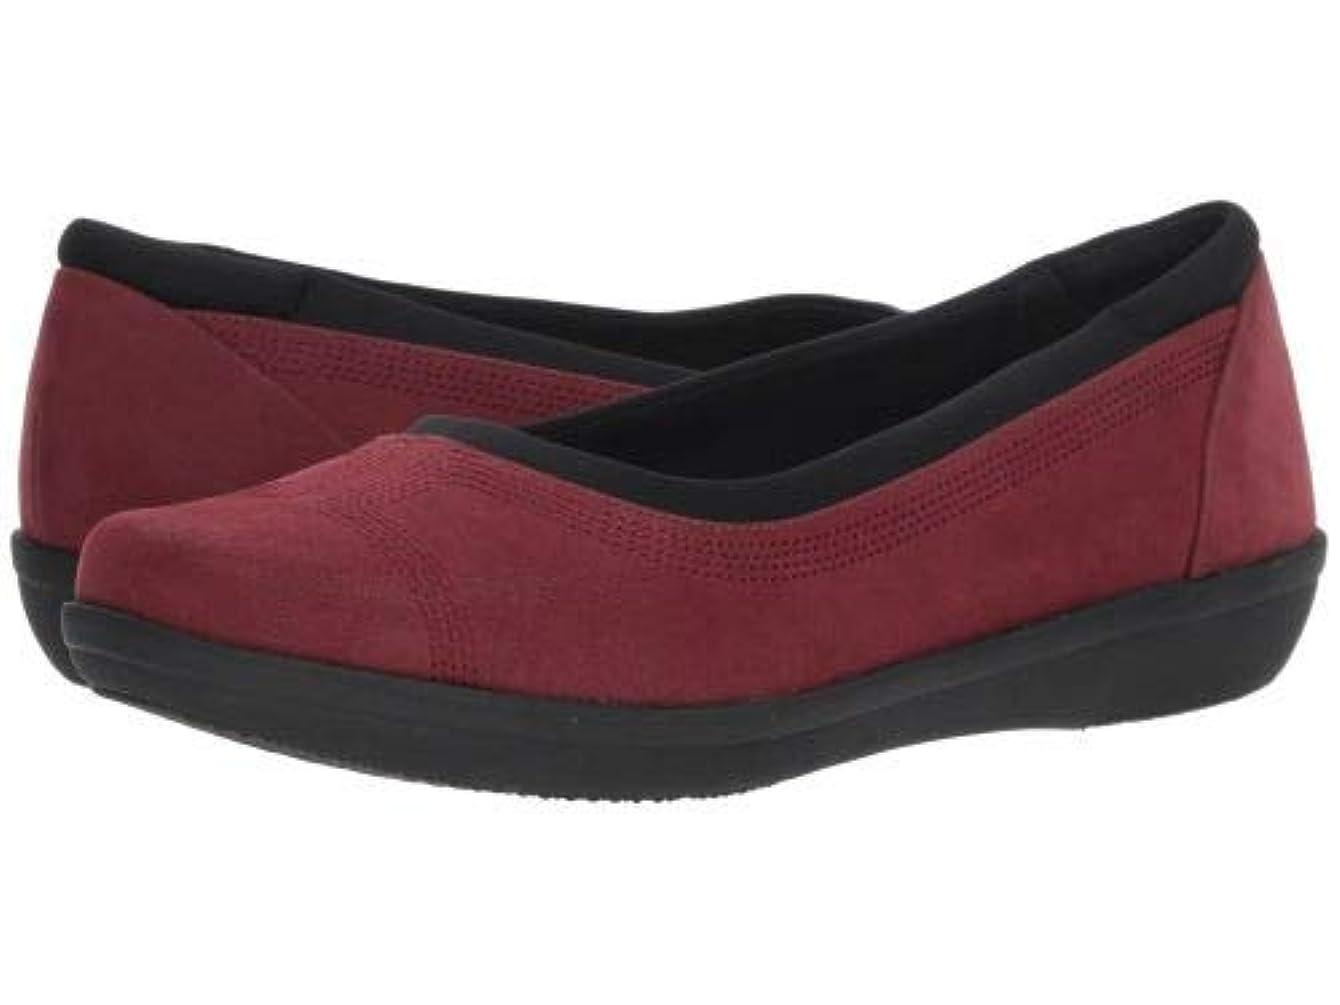 りんご歯車朝食を食べるClarks(クラークス) レディース 女性用 シューズ 靴 フラット Ayla Low - Burgundy Synthetic Nubuck [並行輸入品]